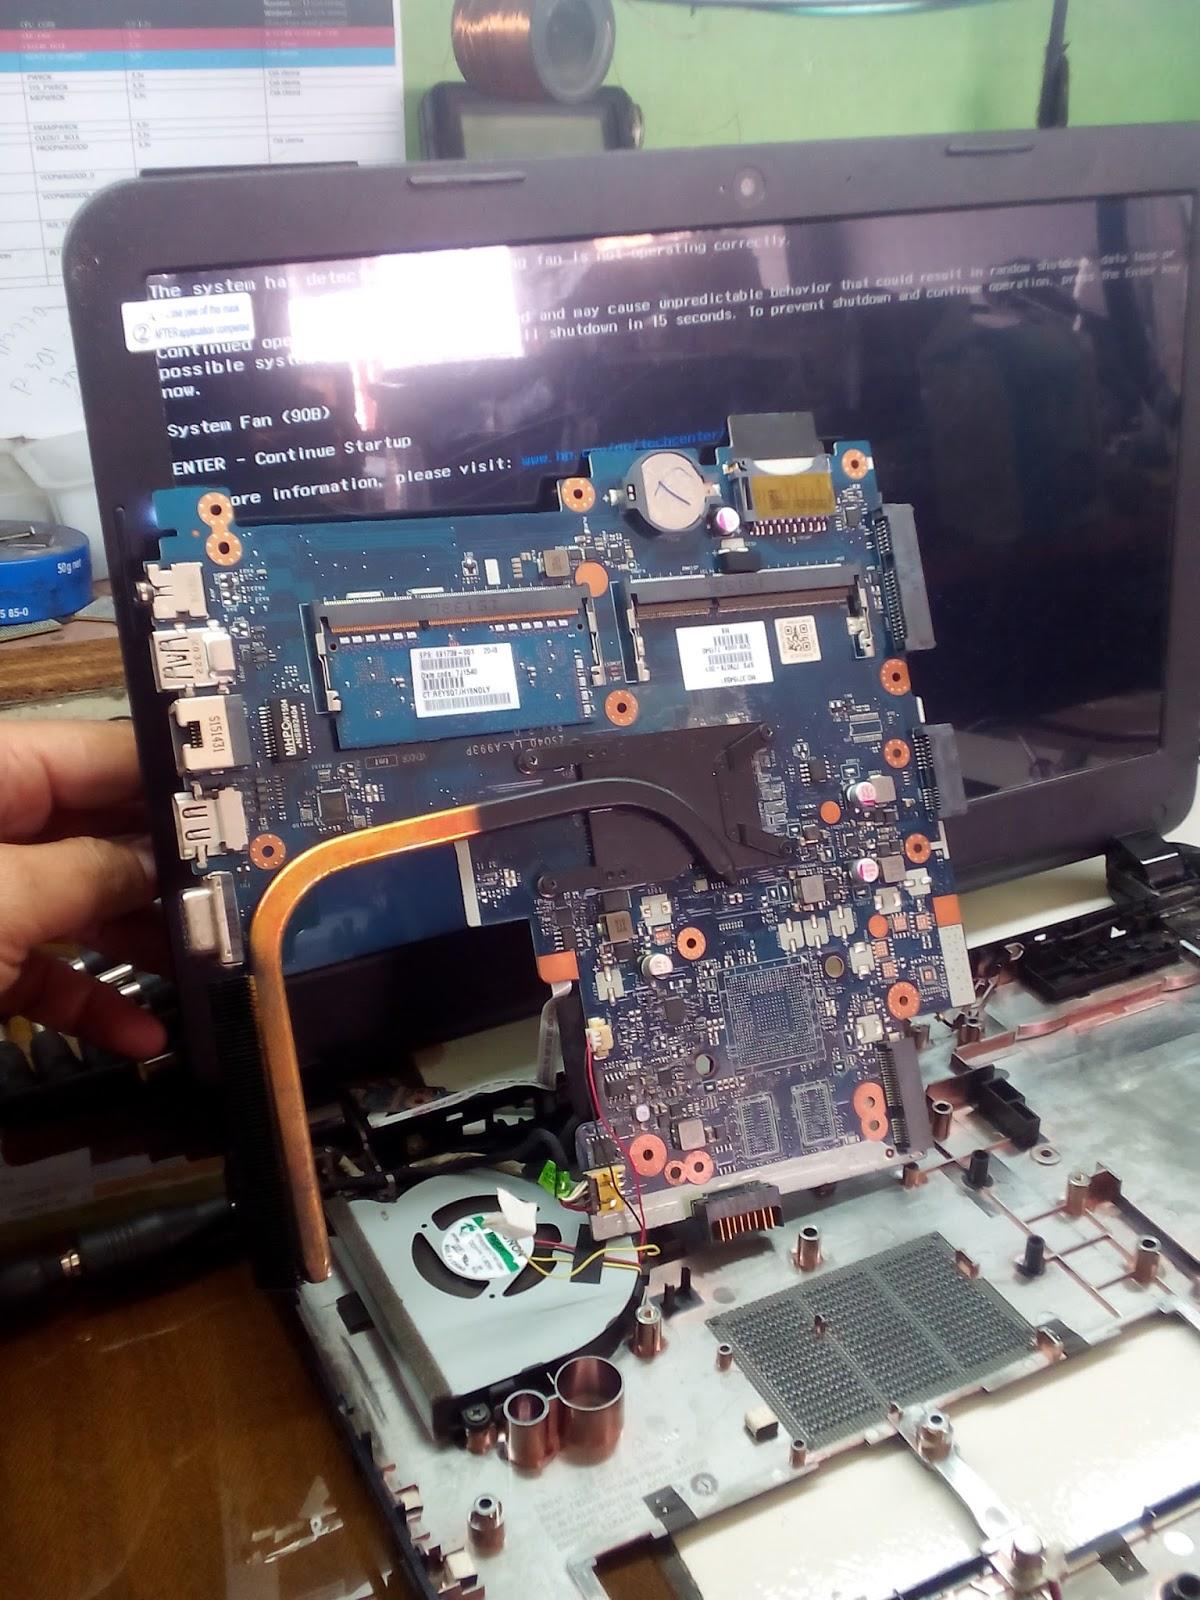 Konsultasi Kerusakan Laptop dan Akumulasi Biaya bisa Langsung Di Putuskan di depan Sebelum pengerjaan servis Informasi Kerusakan Laptop bisa Langsung ke